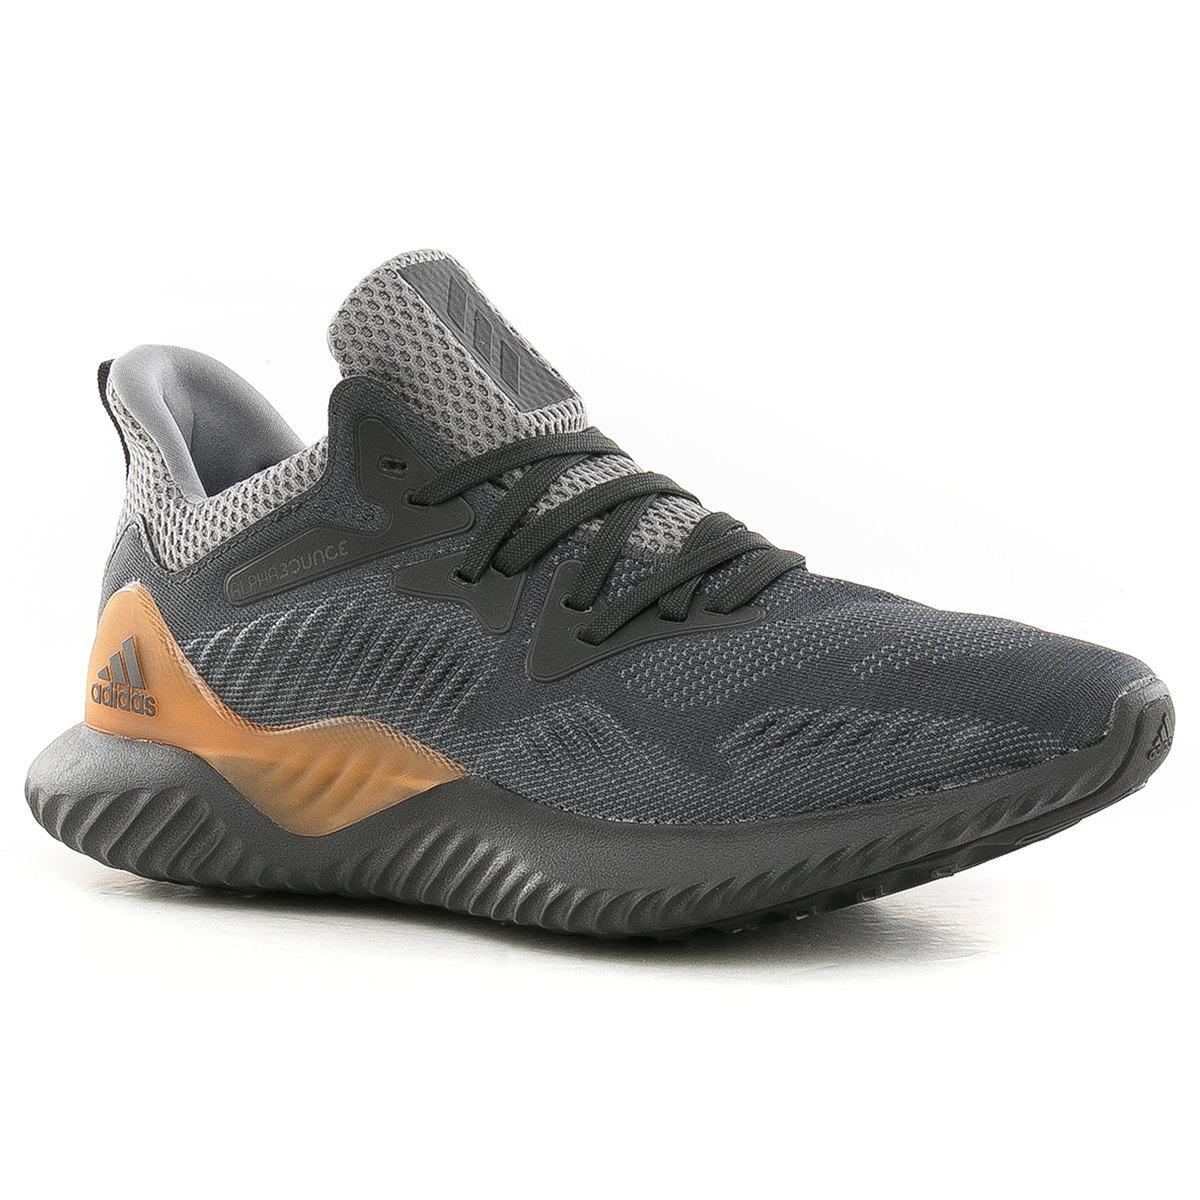 cheaper 4f67d cb93a zapatillas alphabounce beyond negro adidas. Cargando zoom.